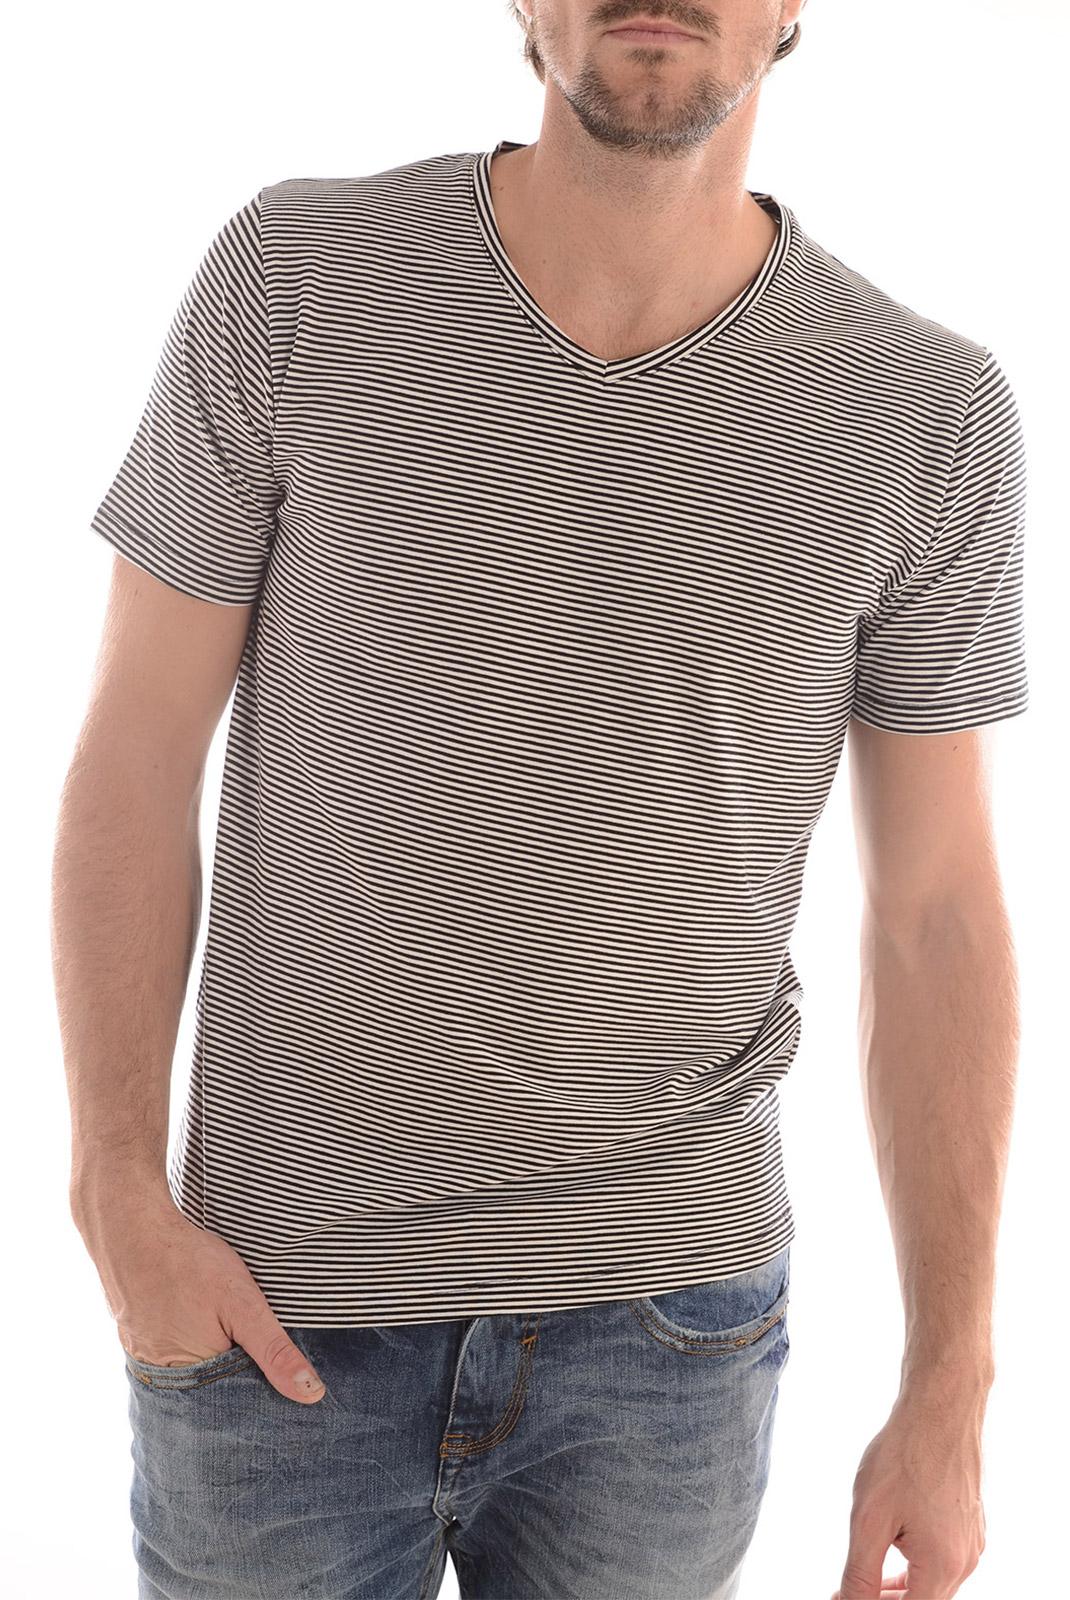 Tee-shirts  Selected PIMA HAY SS V NECK MARSHMALLOW